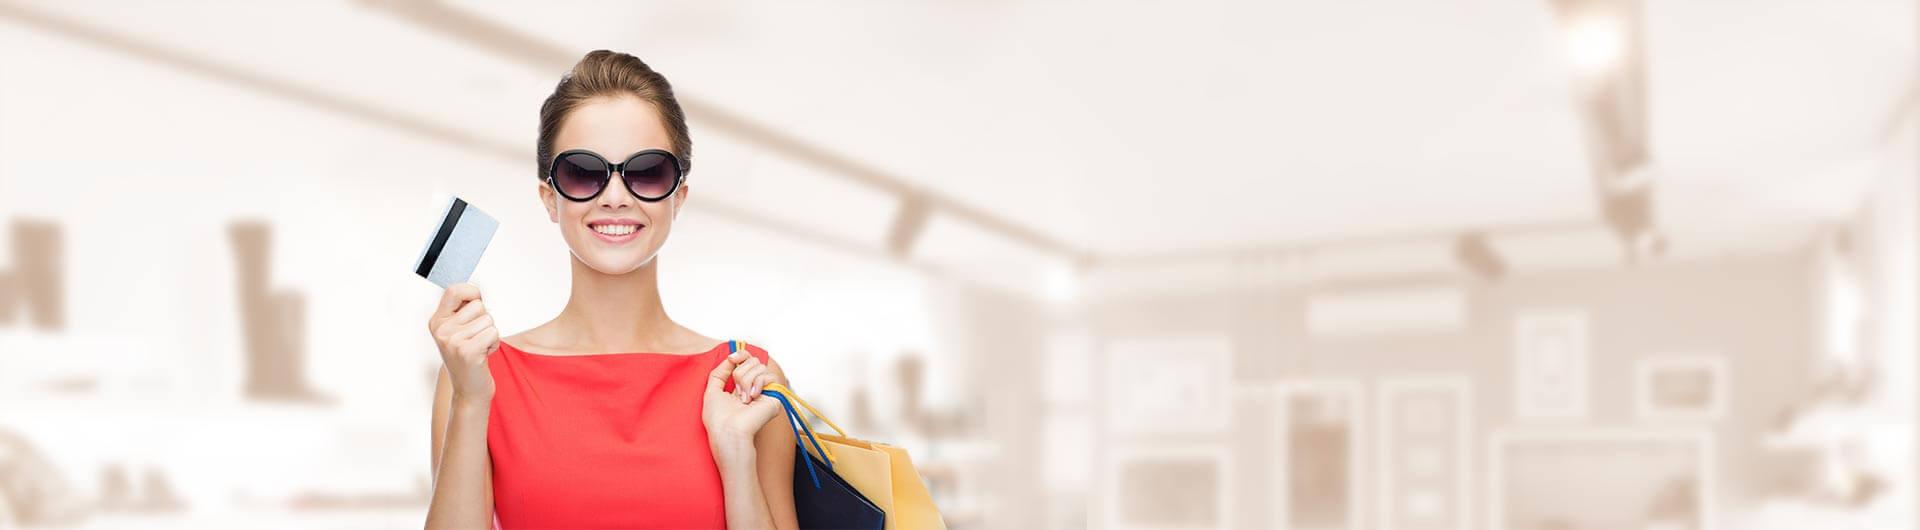 מהי מוטיבציית לקוח לרכישה בחנות וירטואלית?